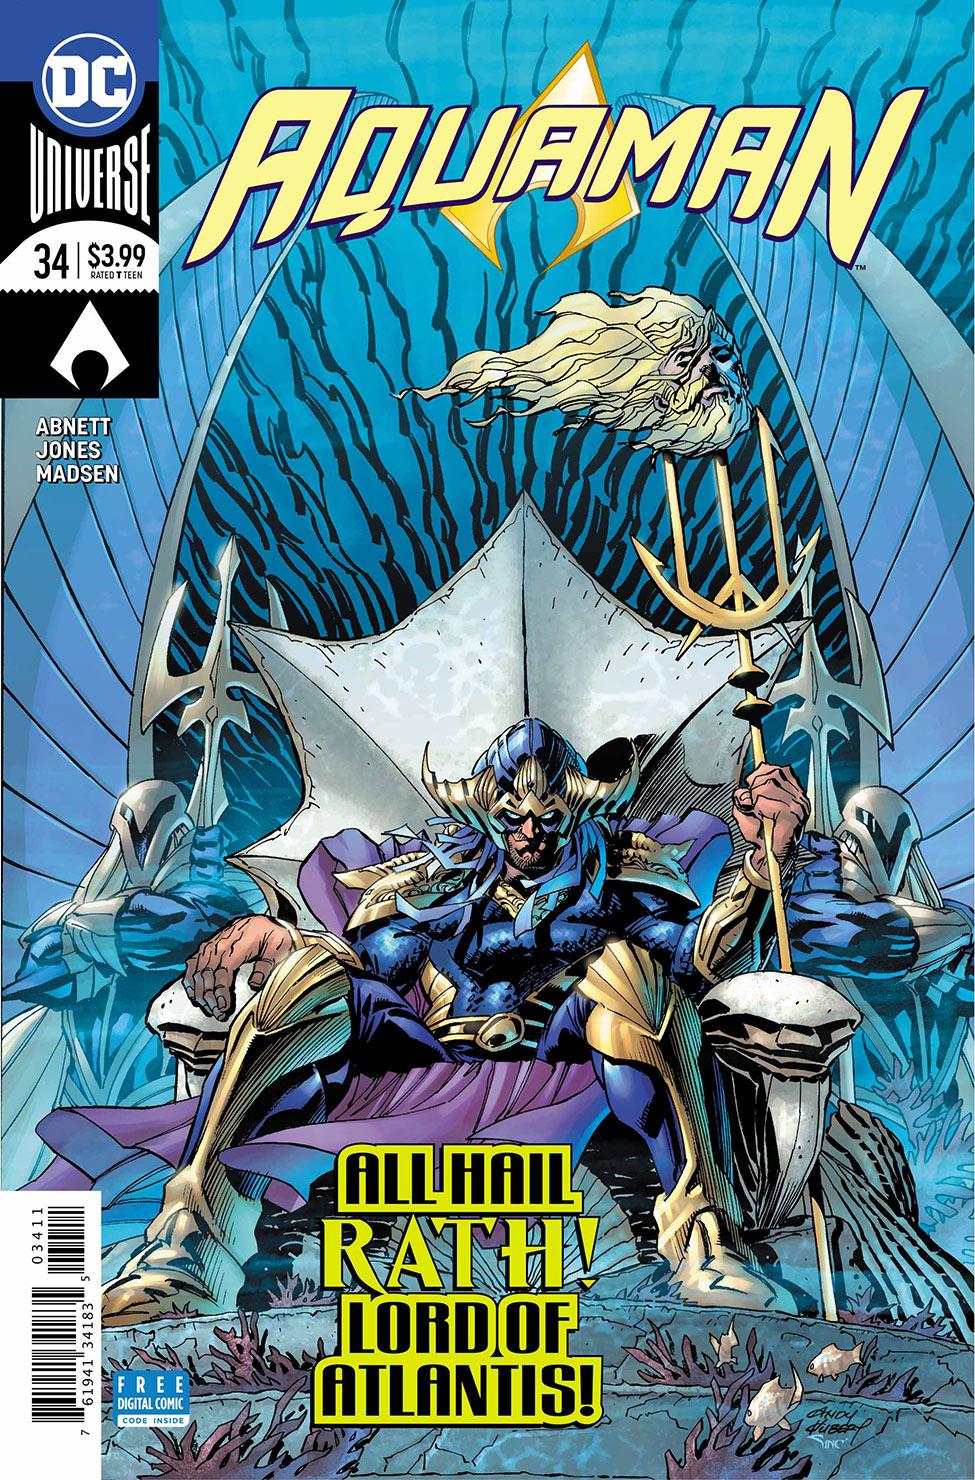 Aquaman Cover 34- DC Comics News